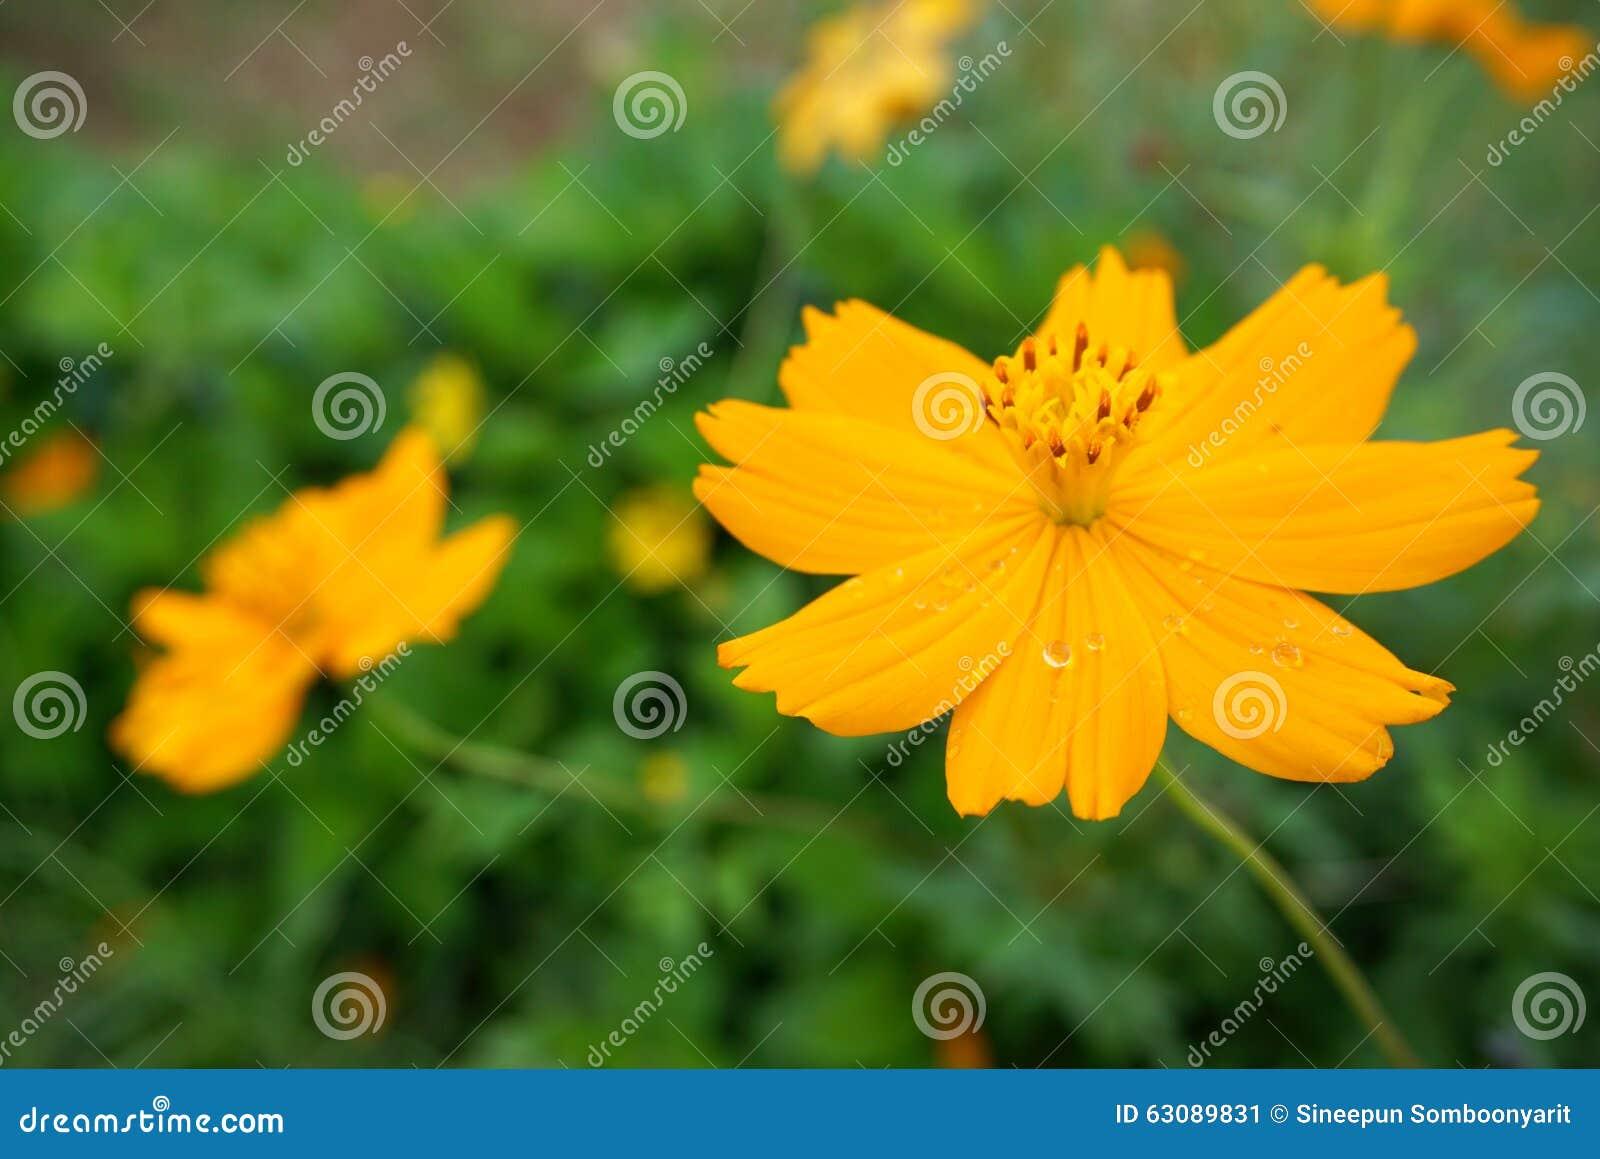 Download Souci Jaune Avec Le Pollen Jaune Image stock - Image du detail, tropical: 63089831